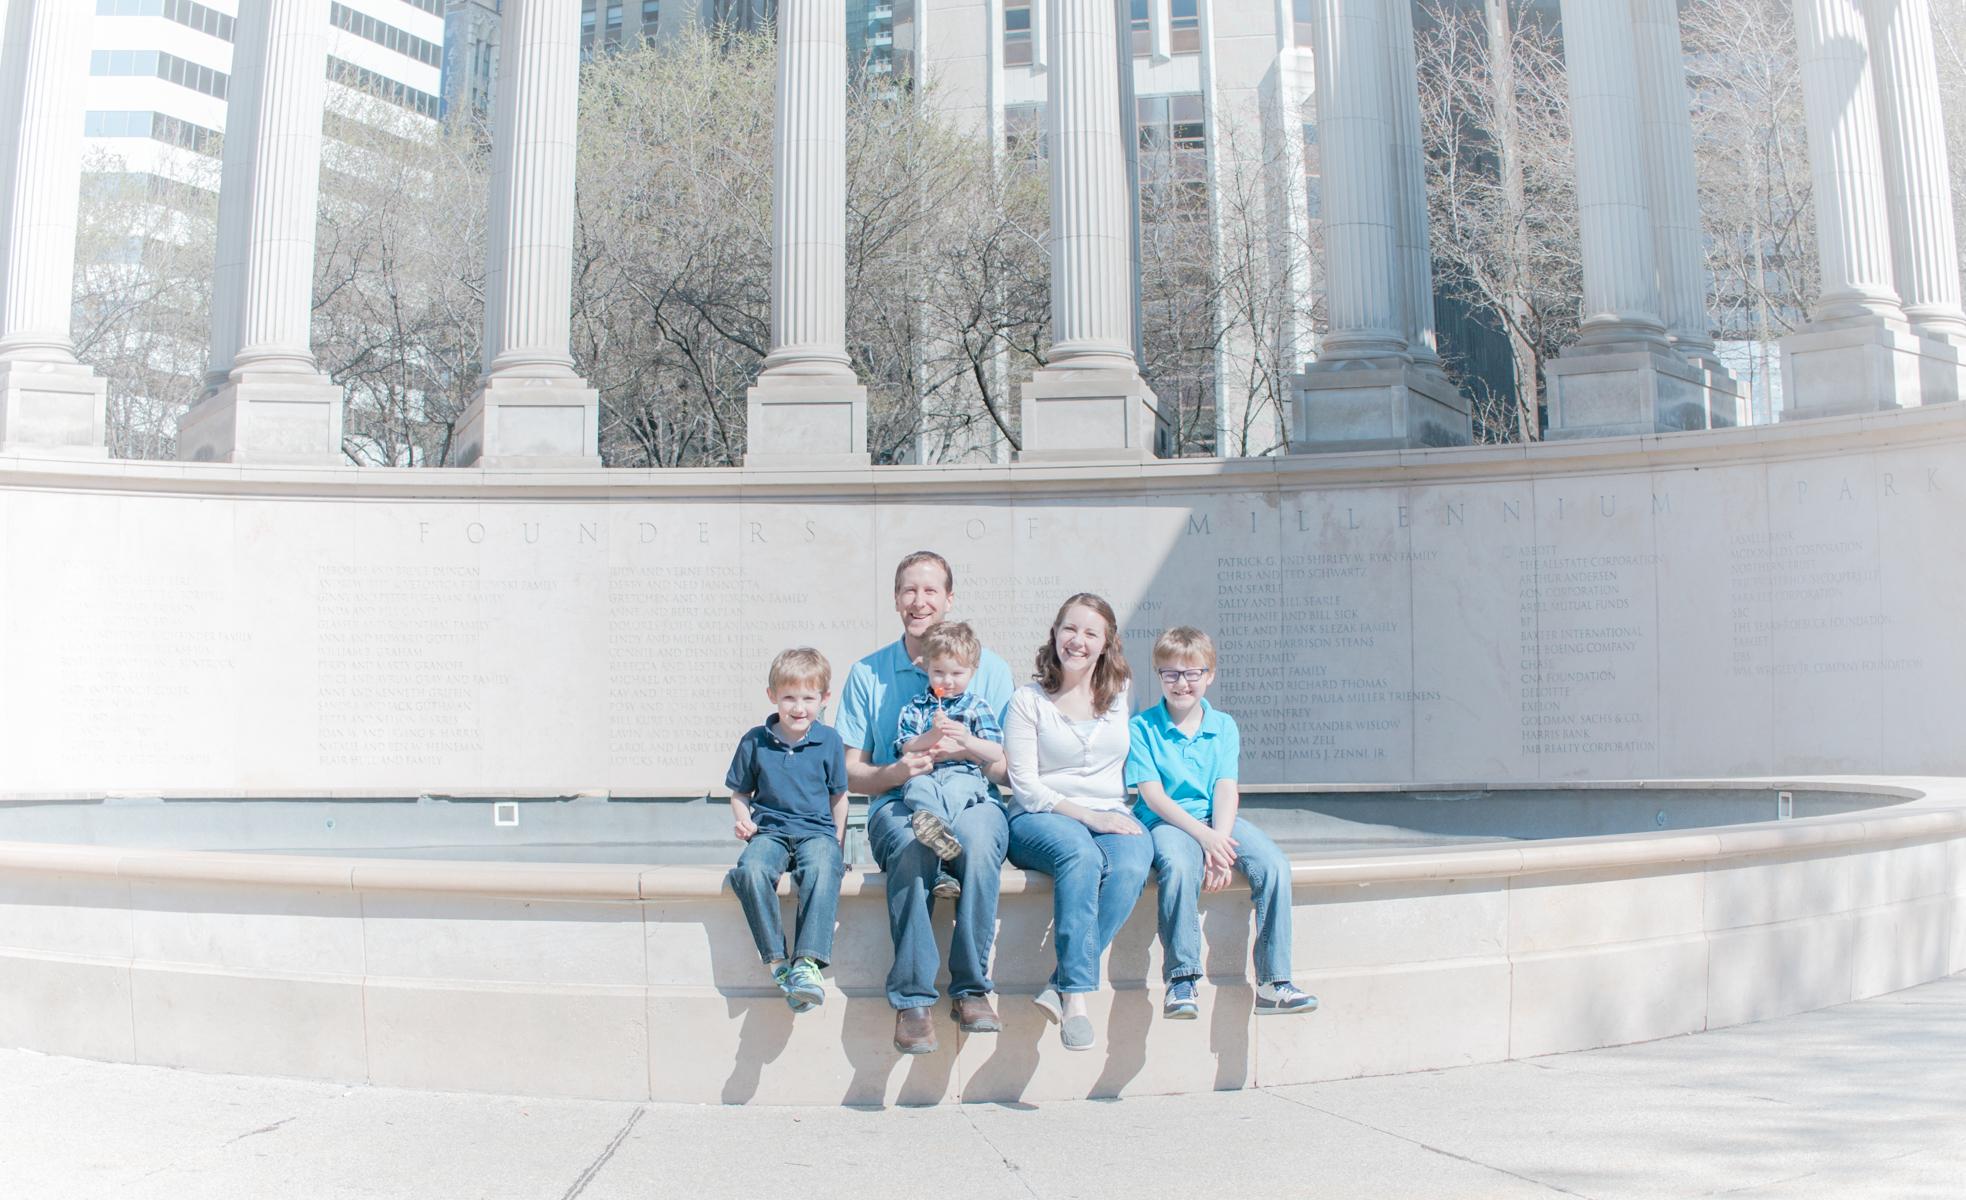 Bonphotage Photo www.bonphotage.com